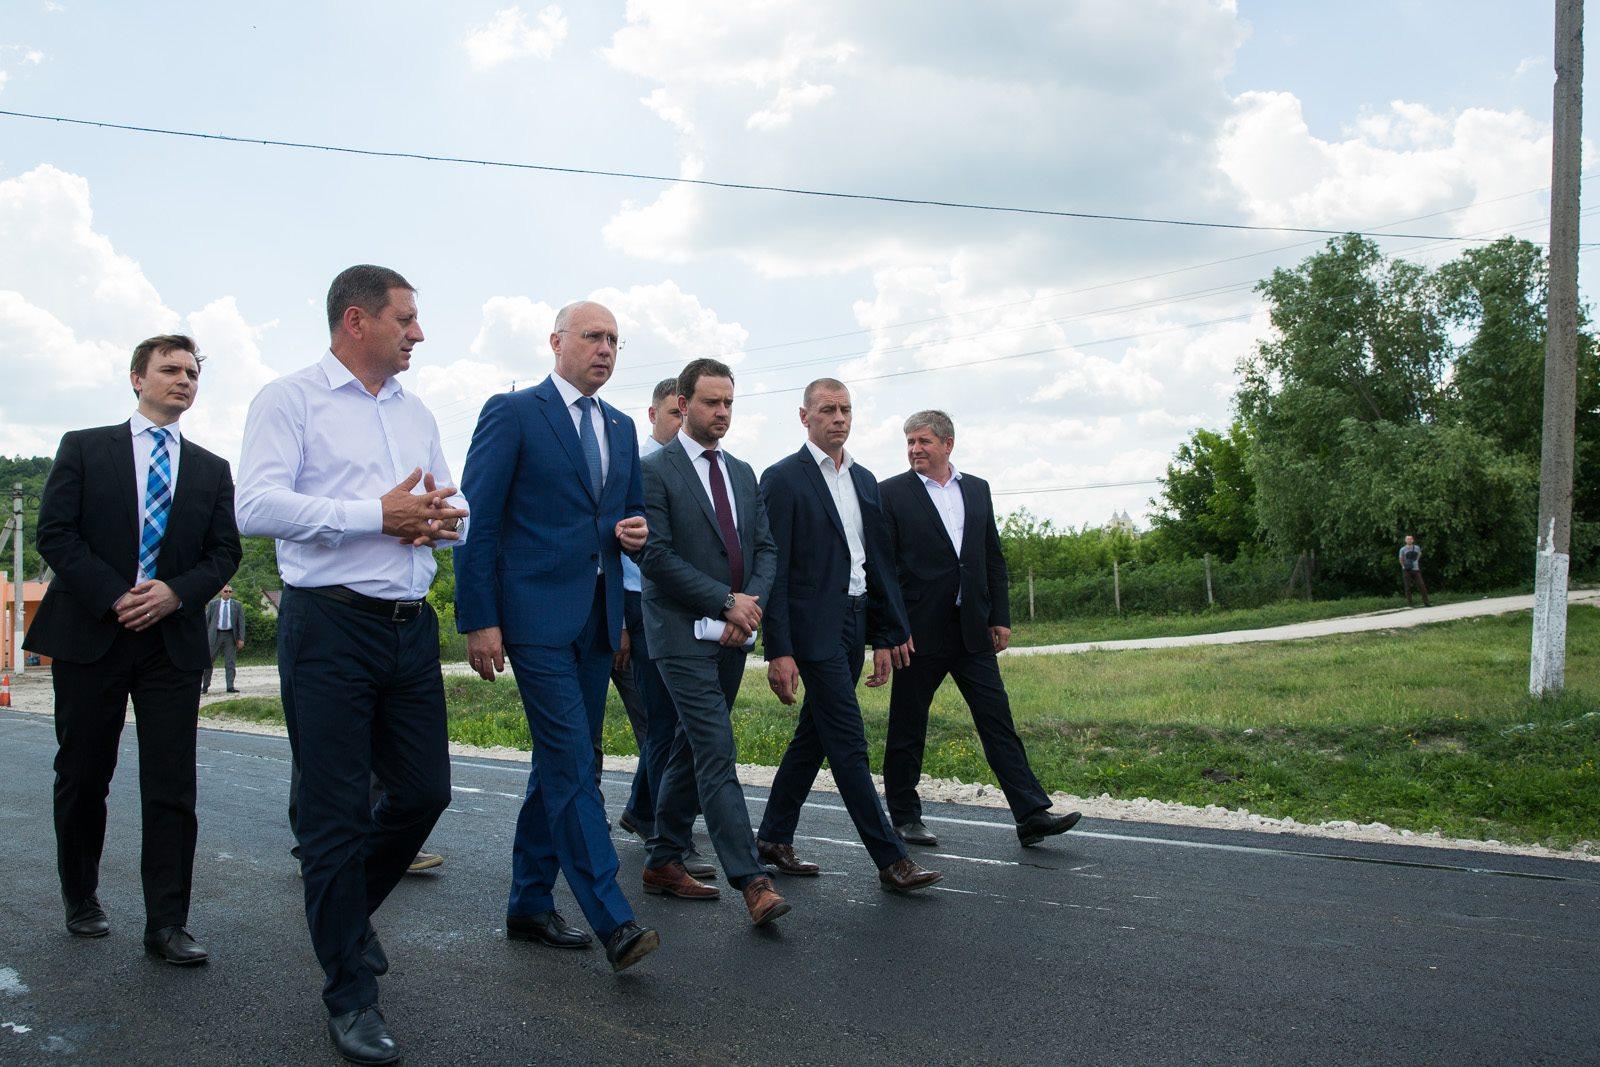 Pavel Filip, Sunt importante drumurile naționale, dar și mai important este drumul care pornește de la casa fiecărui cetățean